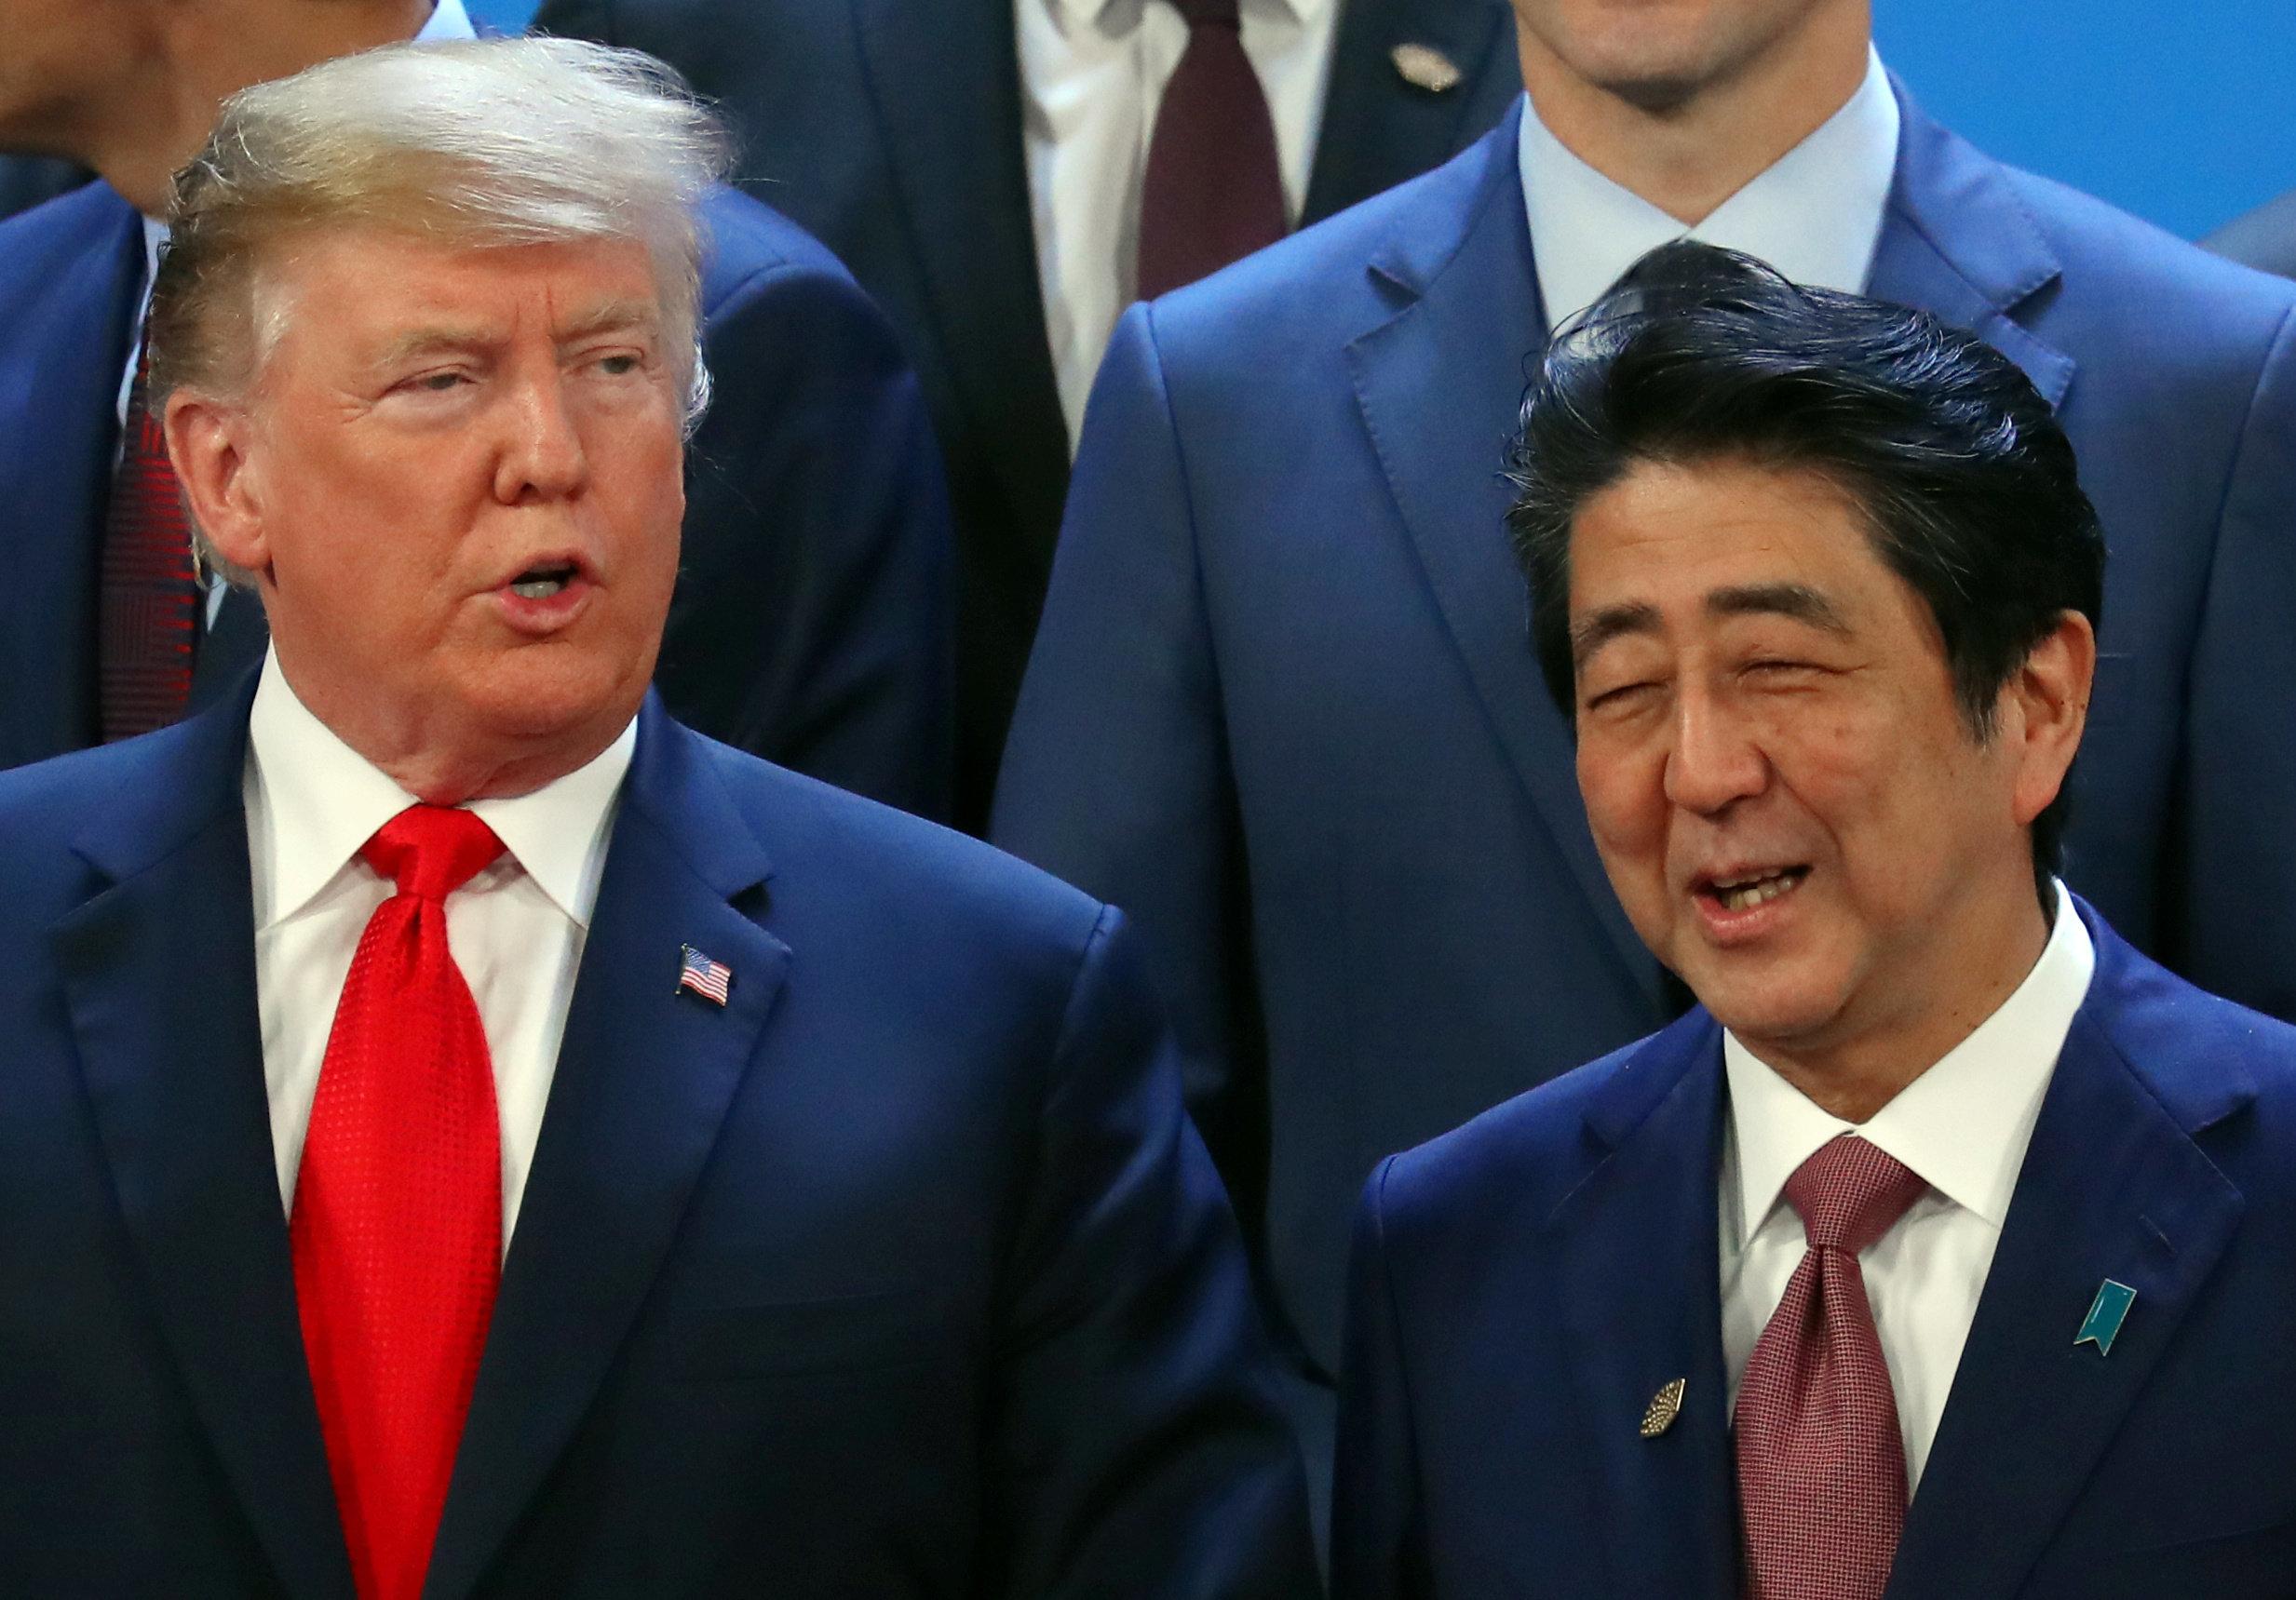 G20に出席したトランプ大統領と安倍晋三首相=アルゼンチンのブエノスアイレスで2018年11月30日